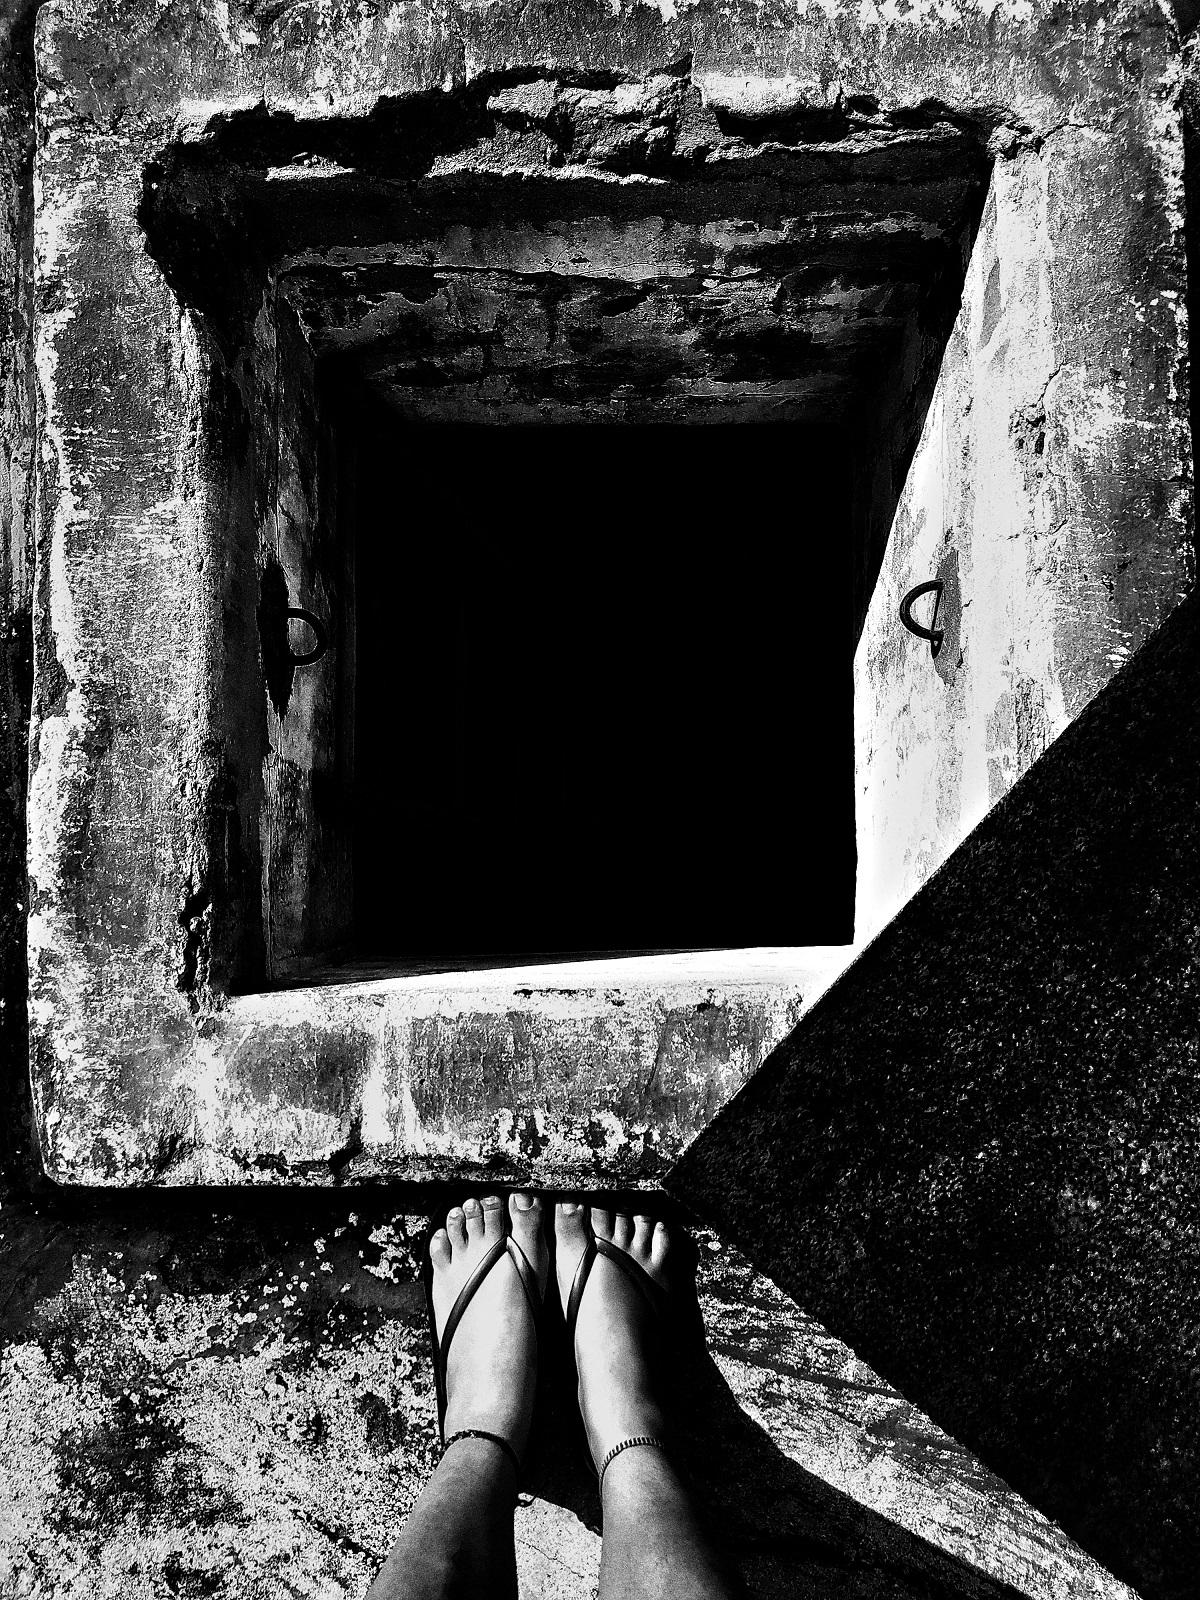 Photo noir et blanc. Une personne dont on ne voit que les chevilles et les deux pieds chaussés de tongs se trouve devant un puits carré dont le fond n'est pas visible.